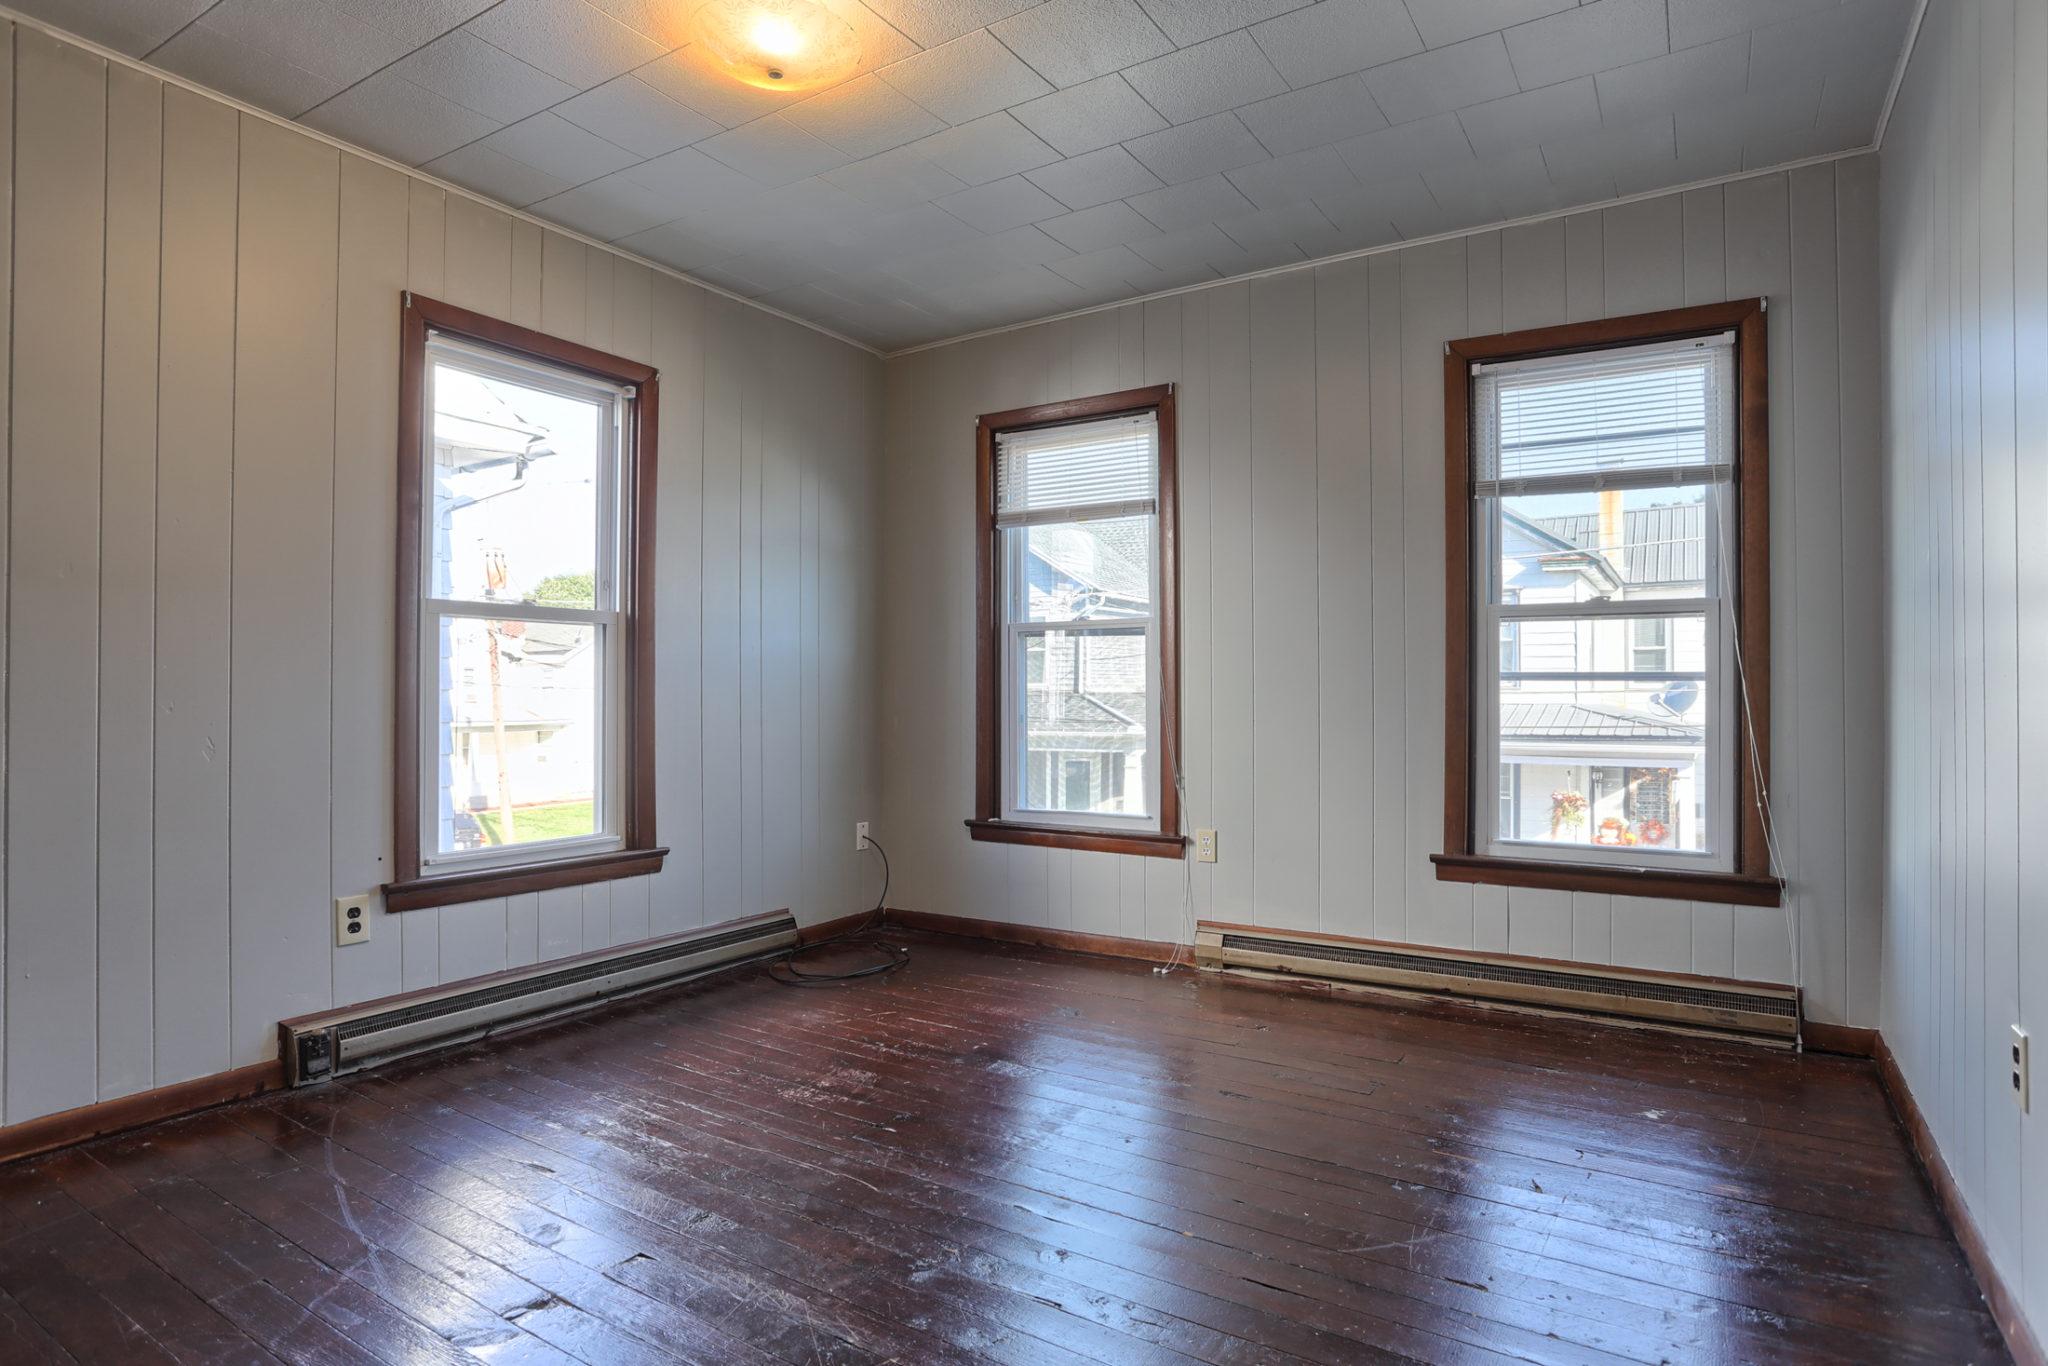 12 E. Maple Avenue - Bedroom 3